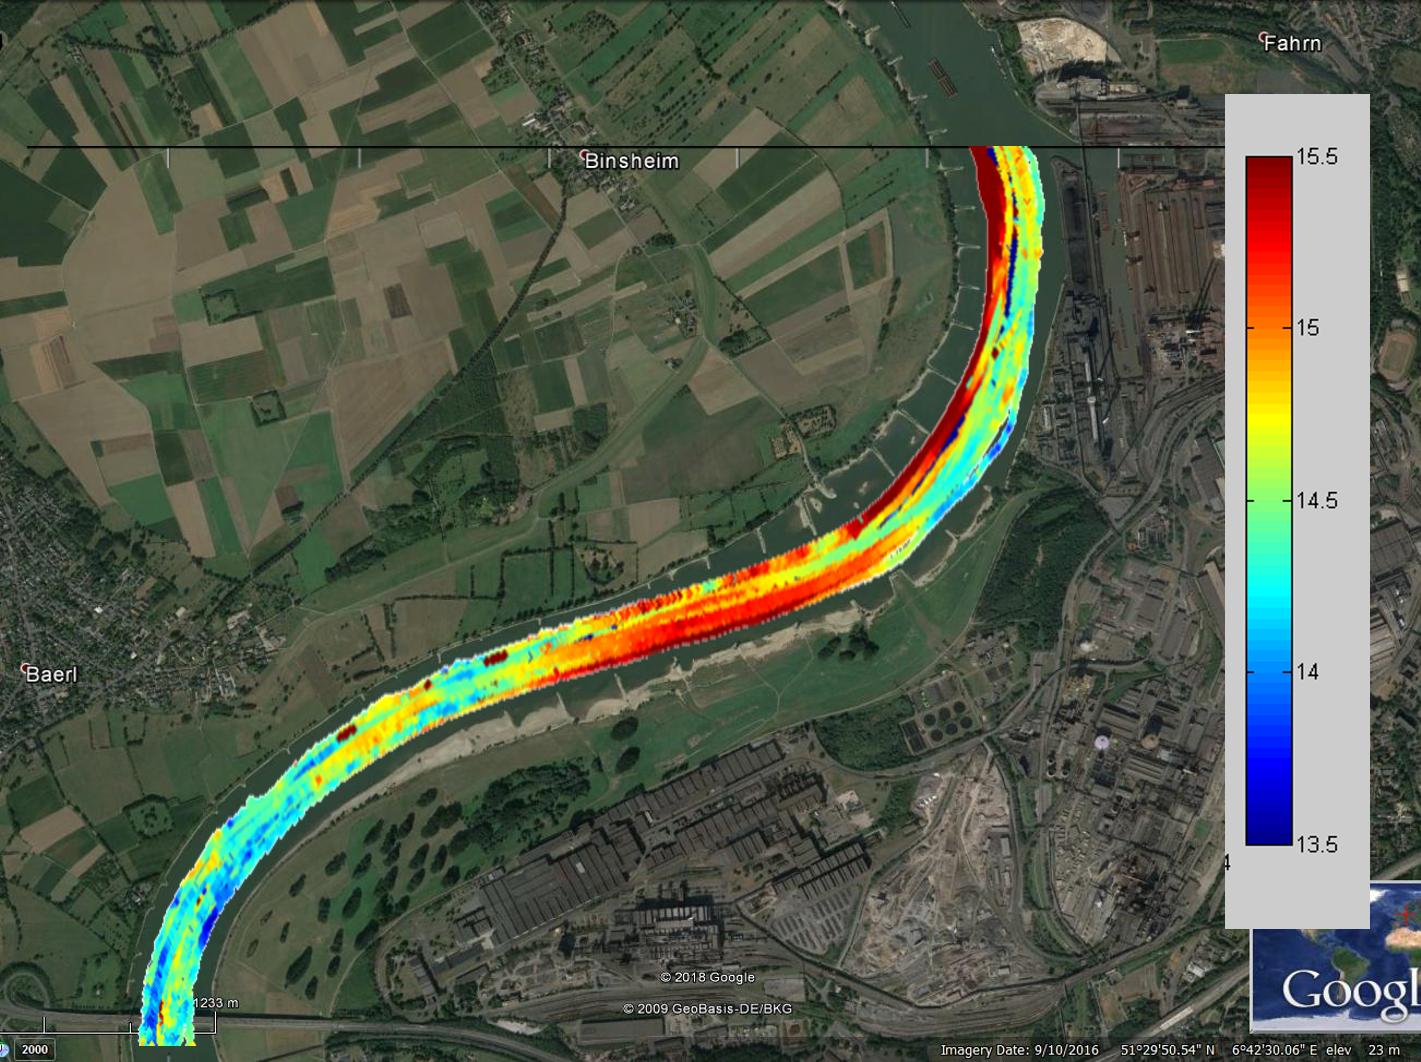 Bovenstaand plaatje geeft de bodemligging weer. Hoe hoger de waarde, hoe ondieper de rivier. (rood is ondiep, donderblauw is diep)